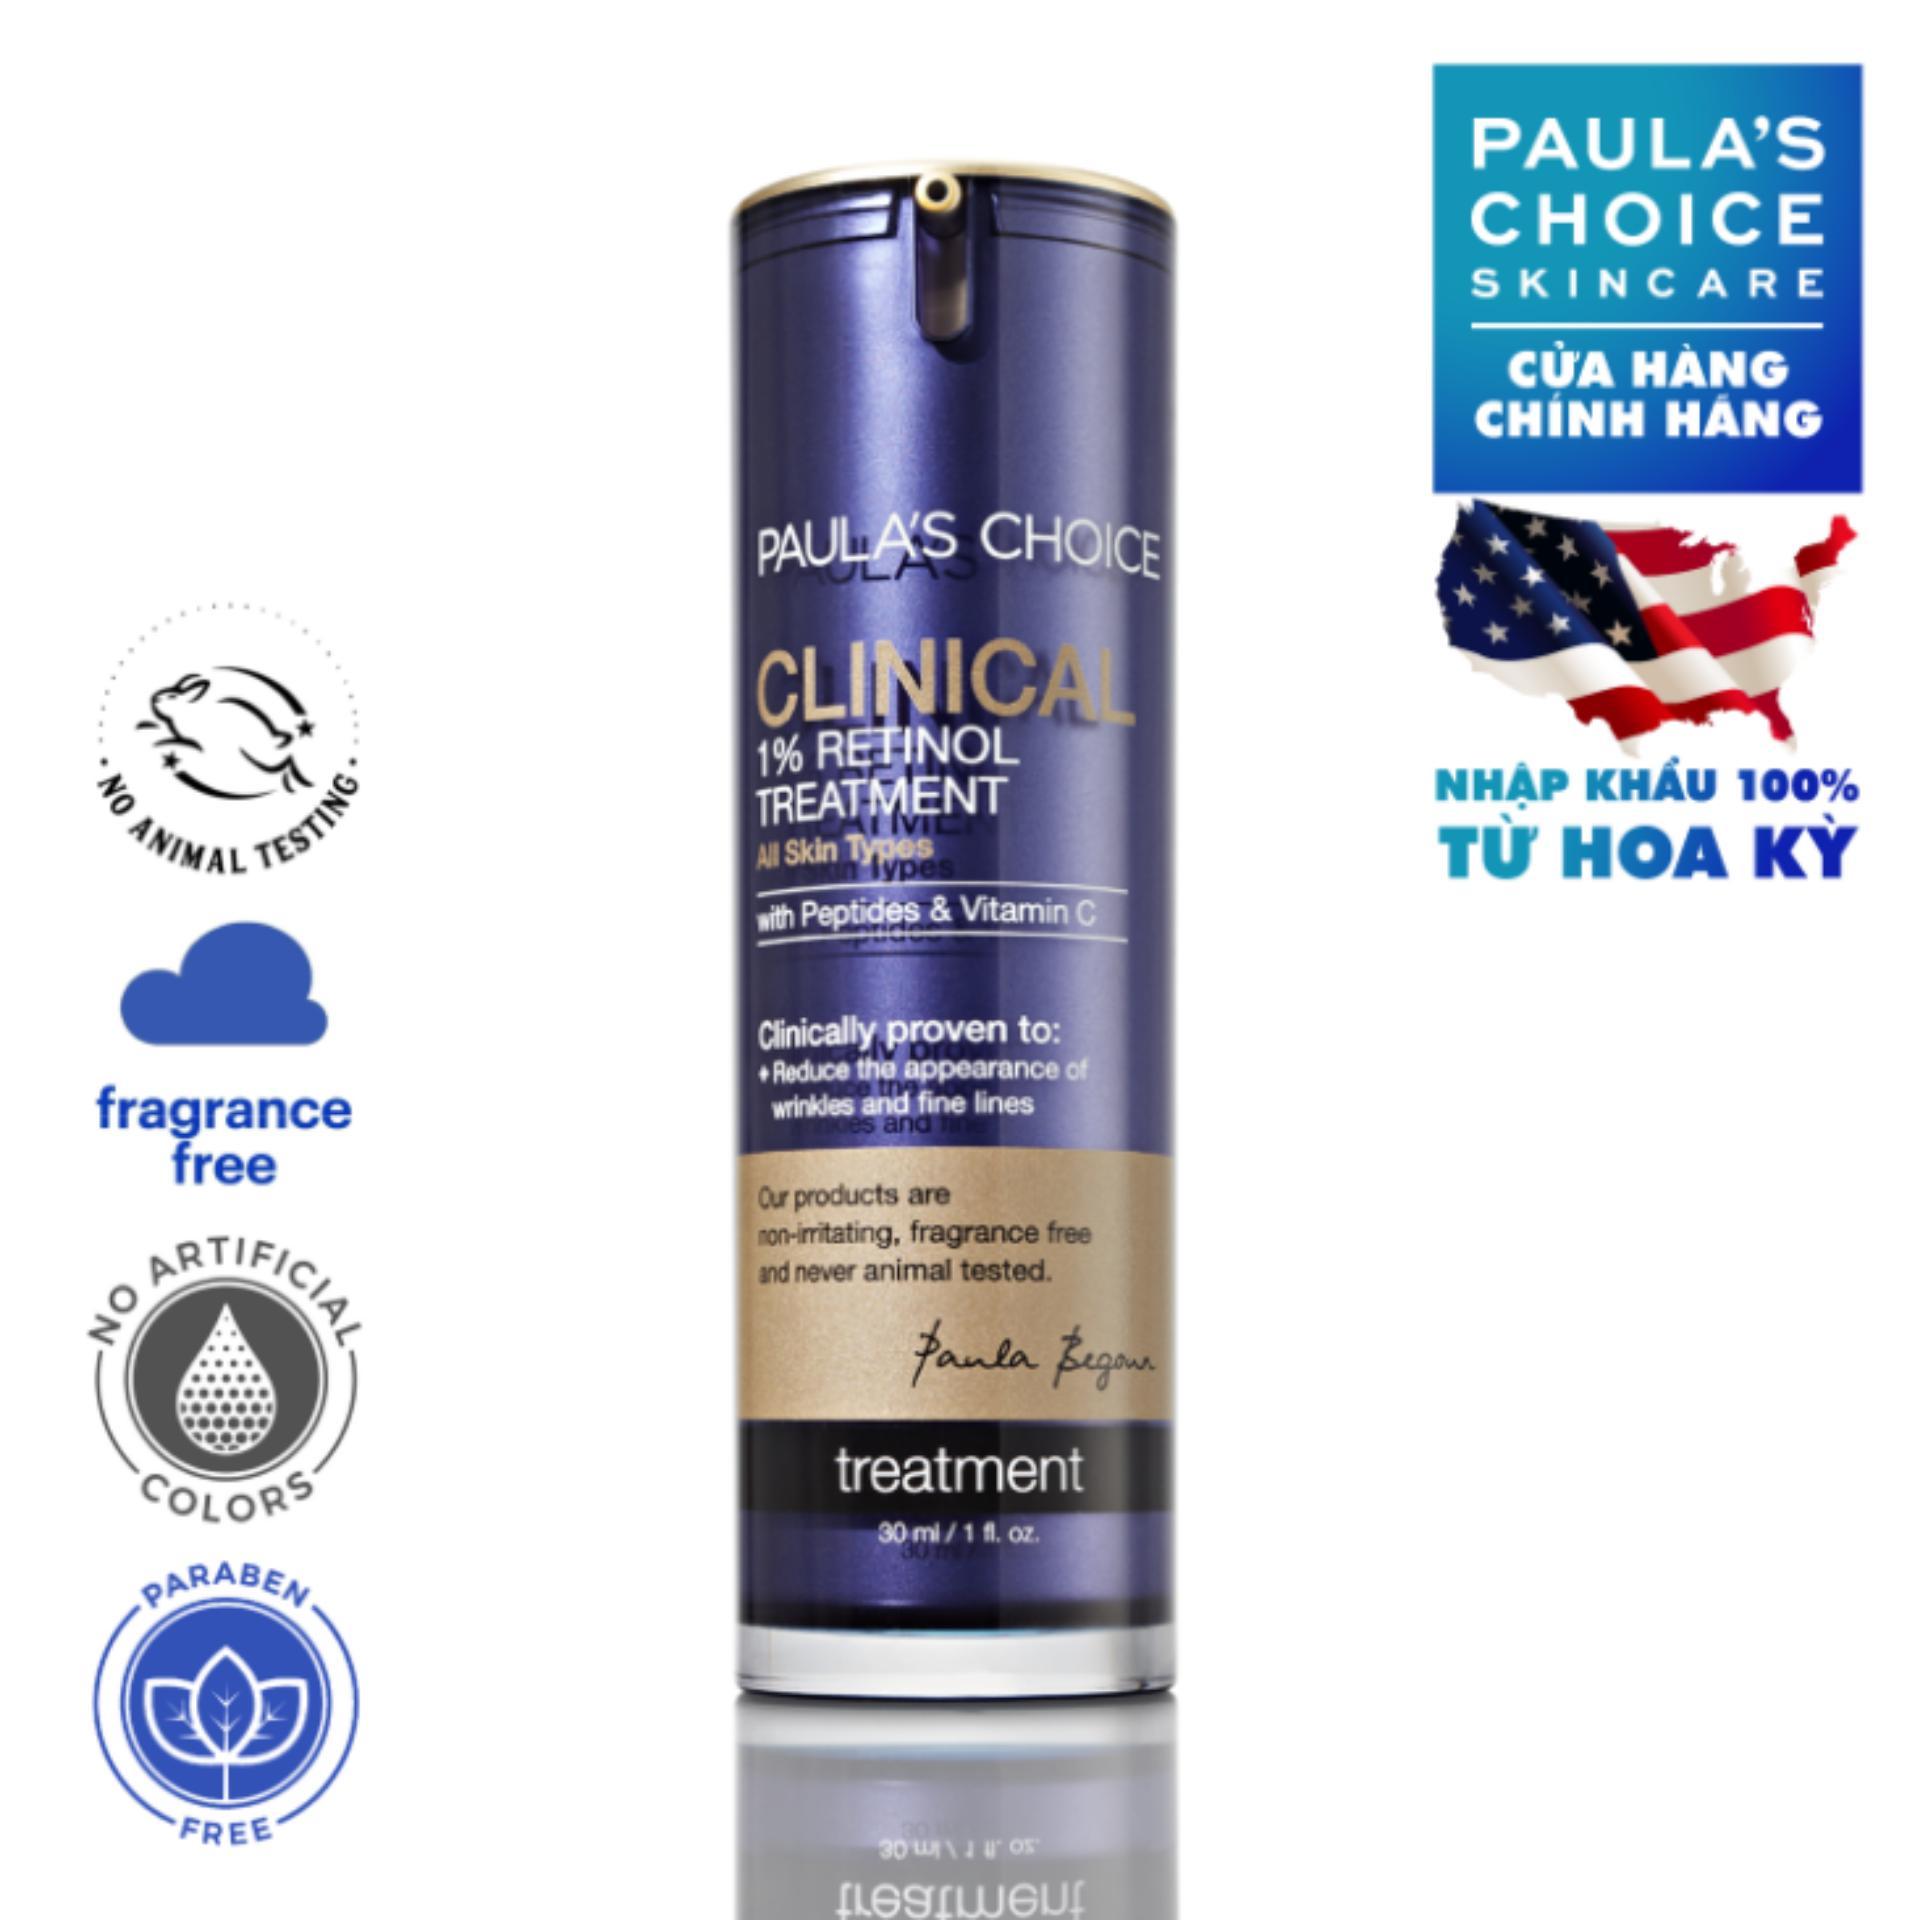 Tinh chất điều trị độc đáo 1 Retinol Paula's Choice Clinical 1% Retinol Treatment 30 ml